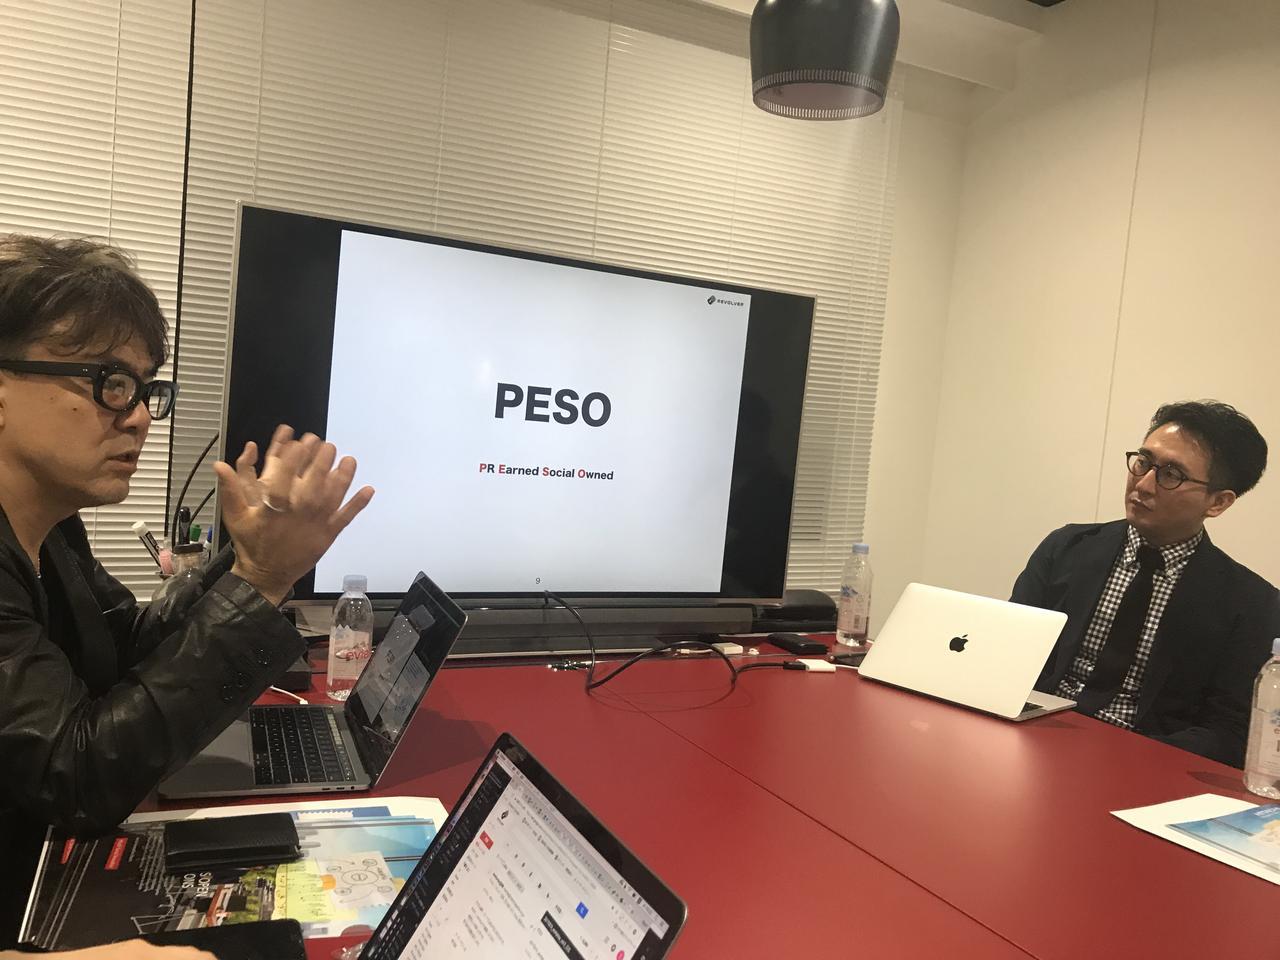 画像2: トリプルメディアからPESOコンセプト